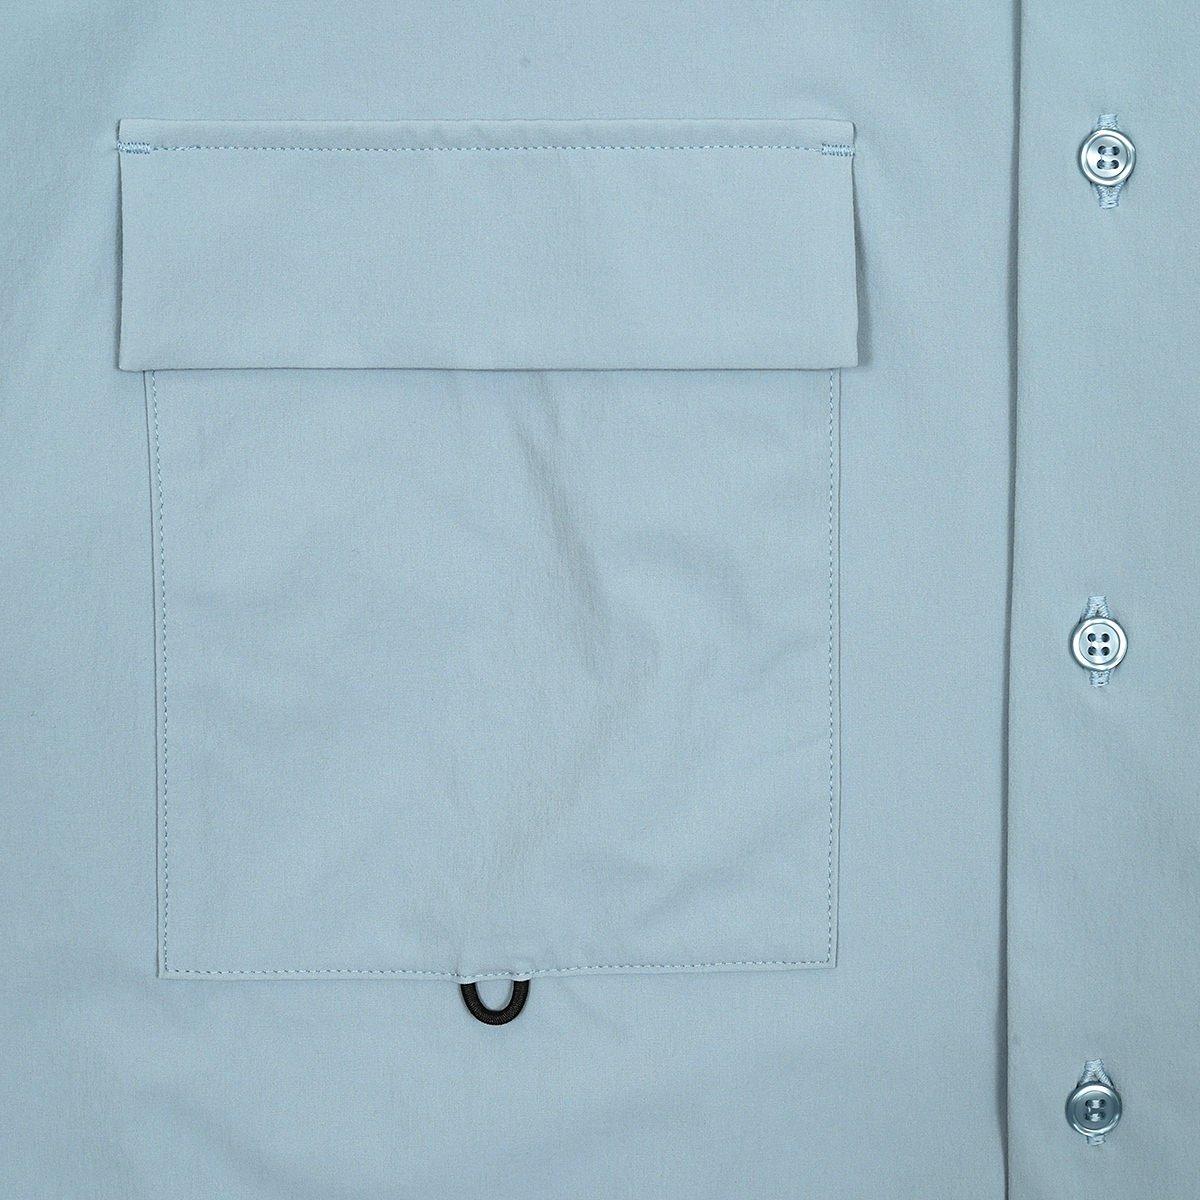 S/S W Pocket Shirts 詳細画像19